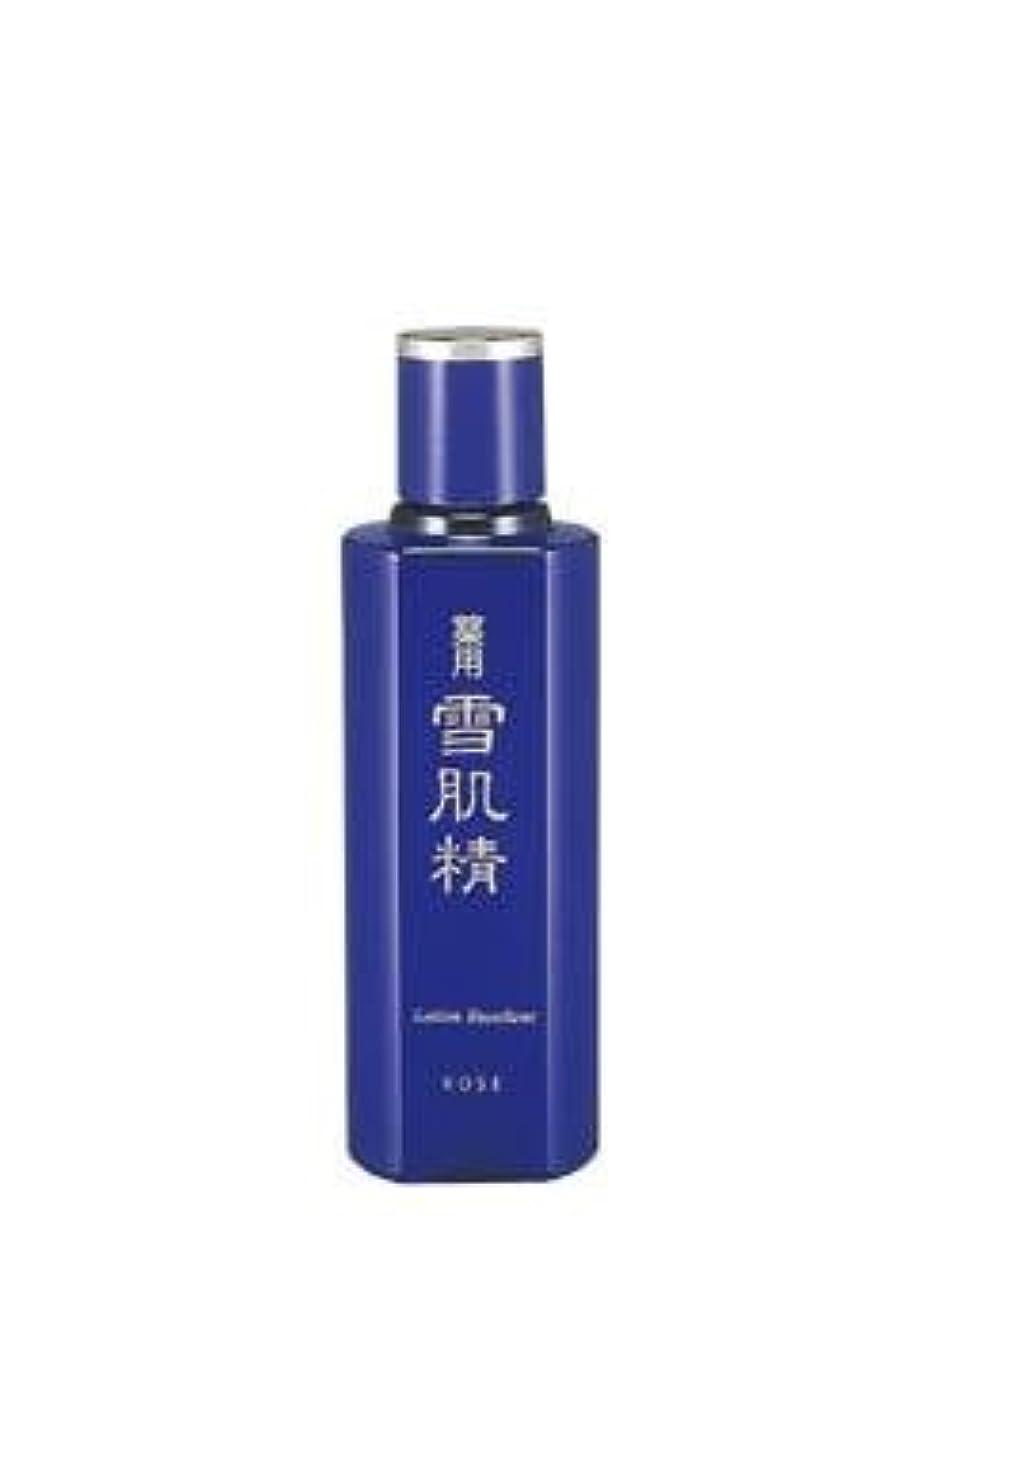 ラジウム偉業ジュニアコーセー 薬用雪肌精 ローション エクセレント(医薬部外品) 200ml